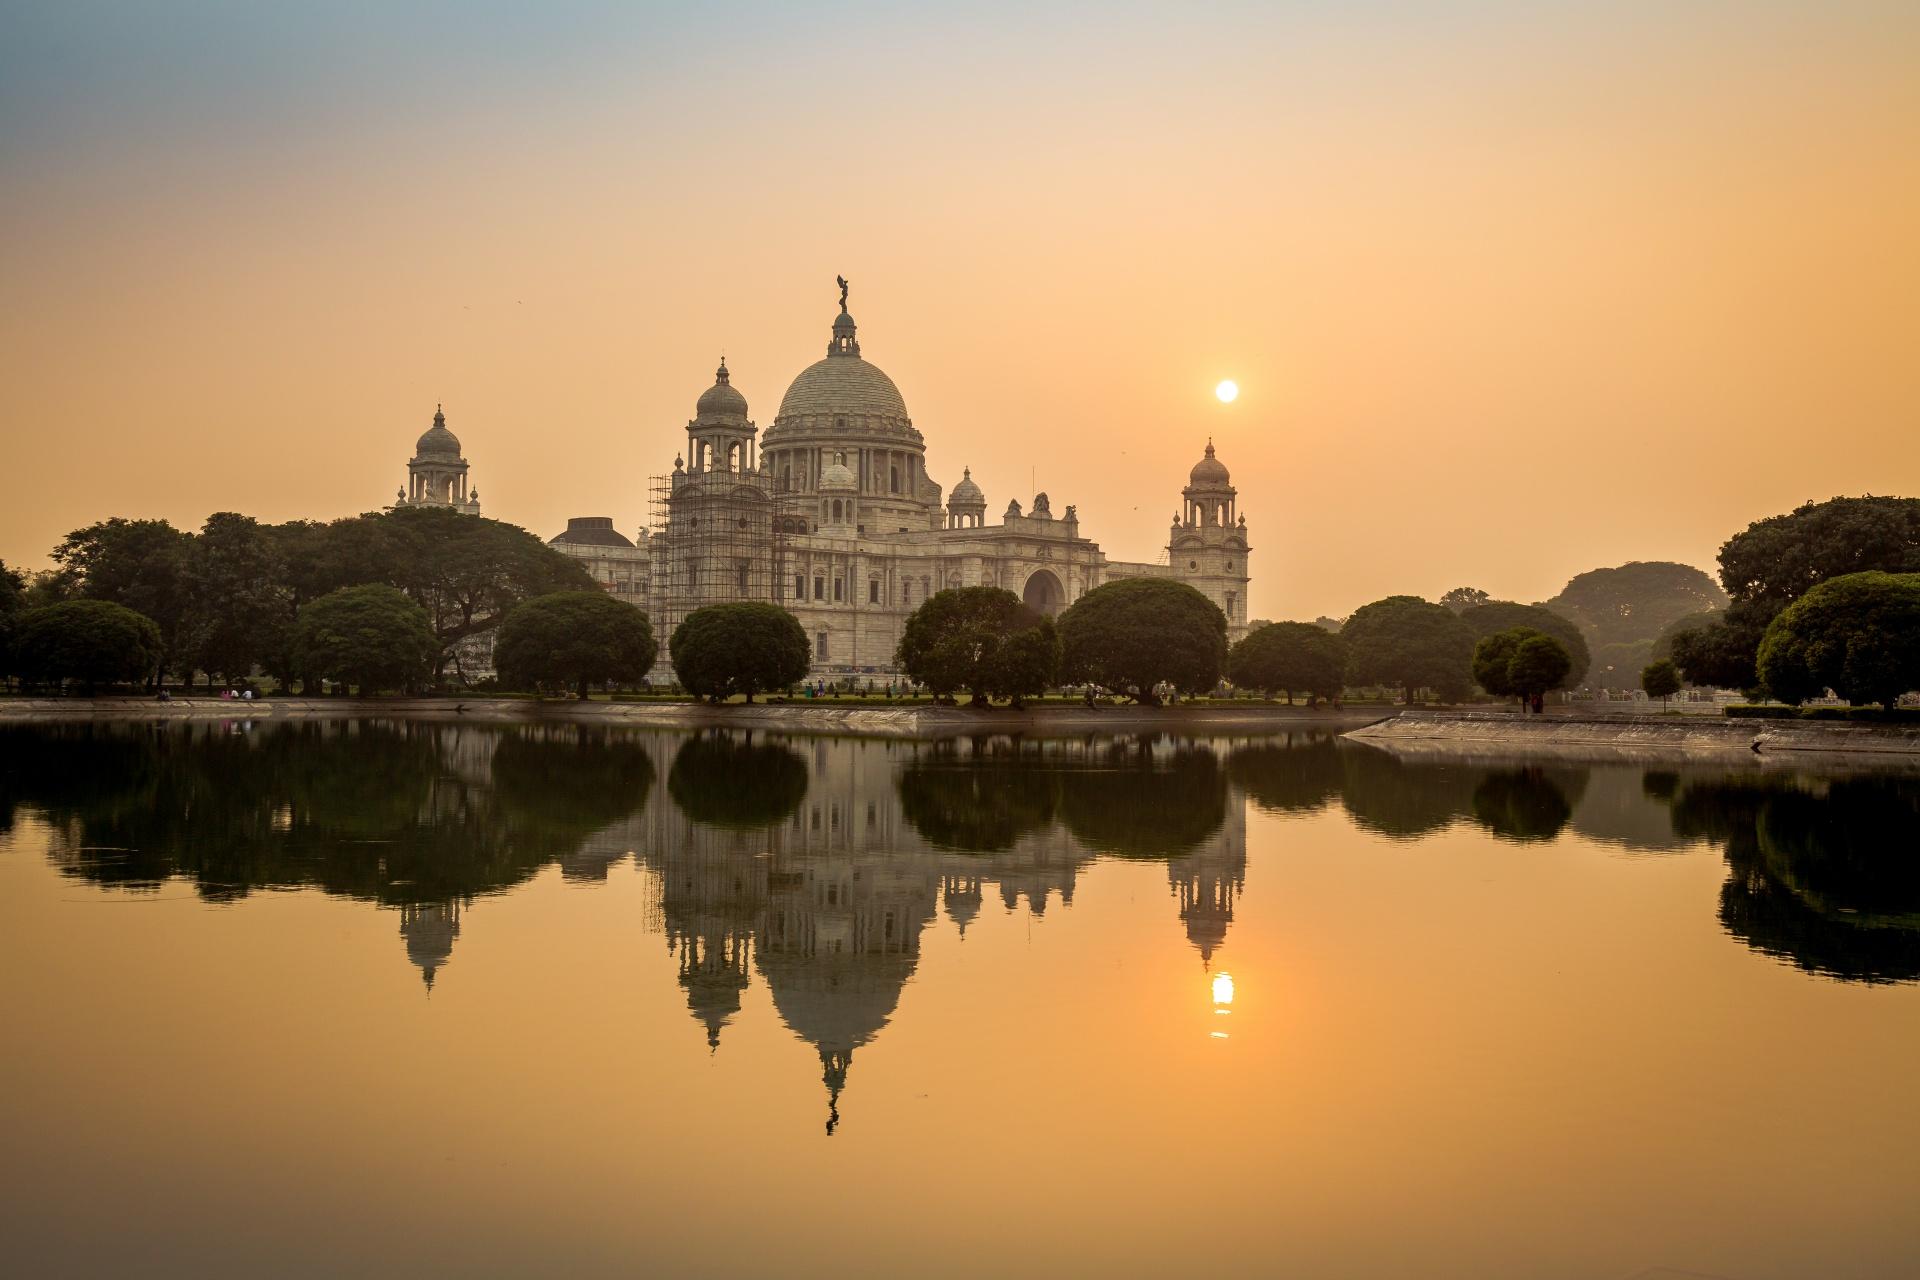 夕暮れのヴィクトリアメモリアルホール インドの風景